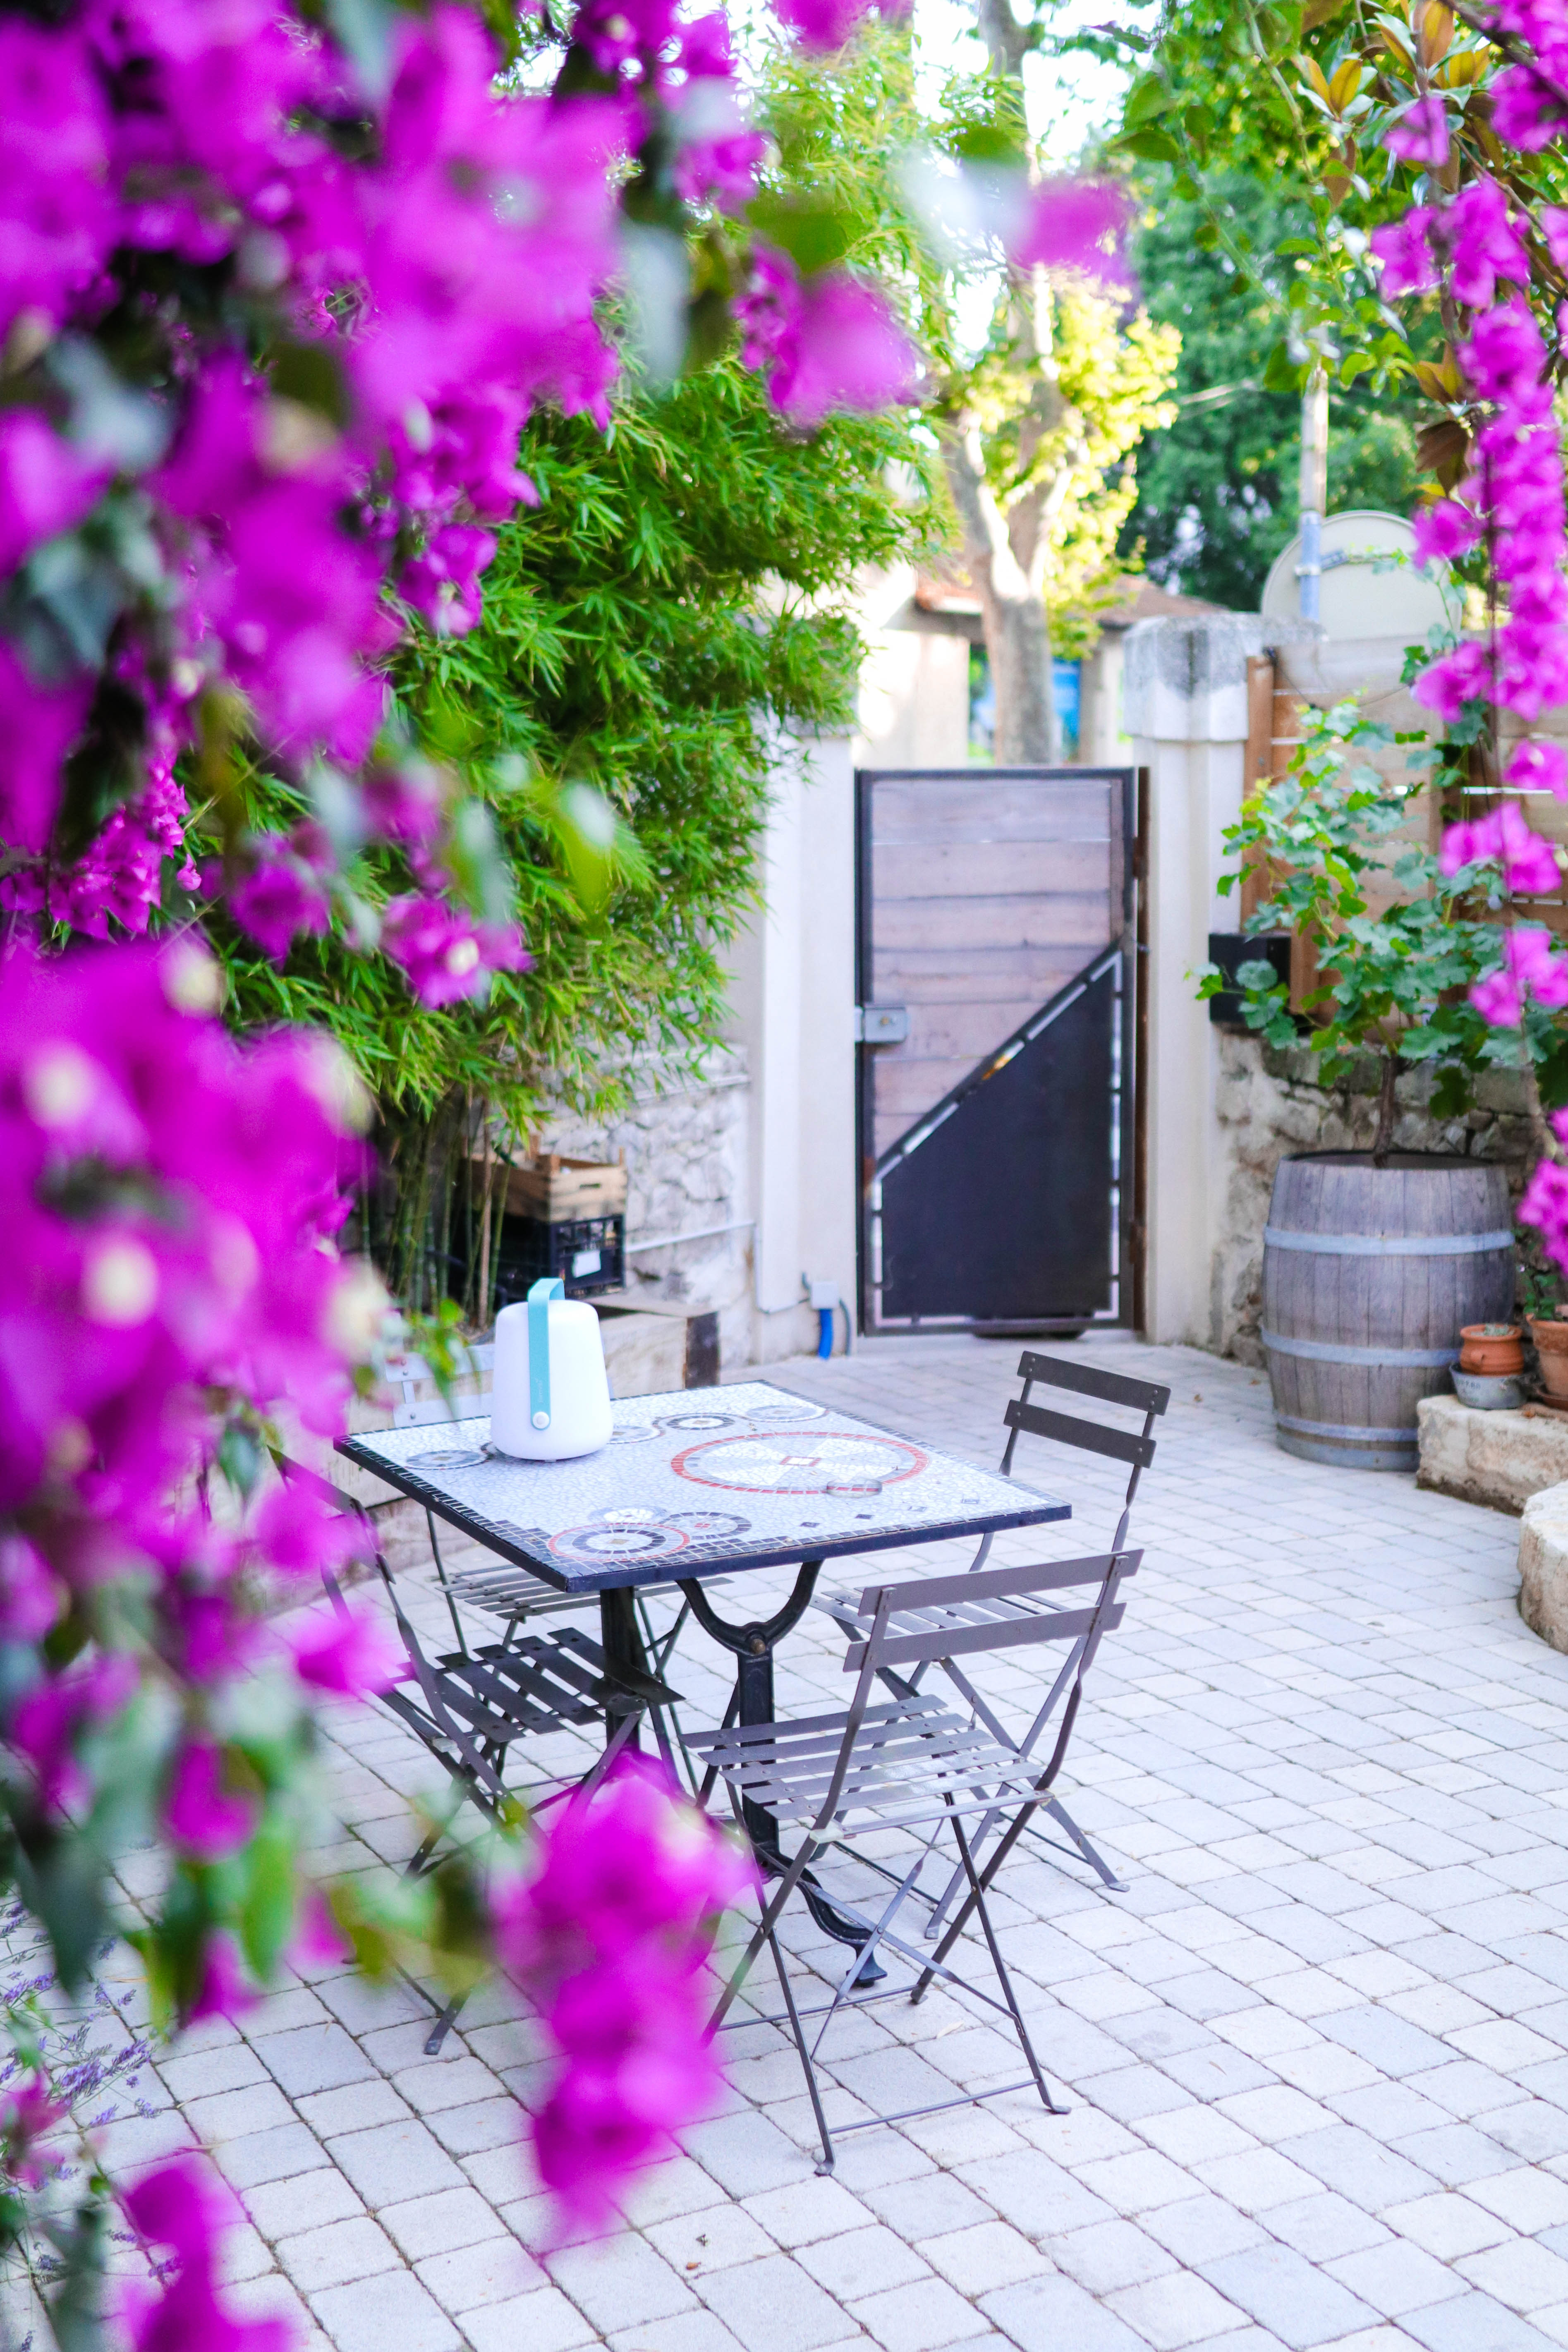 Jardinerie Pas Cher Toulouse bienvenue dans mon jardin - tribulations d'anaïs